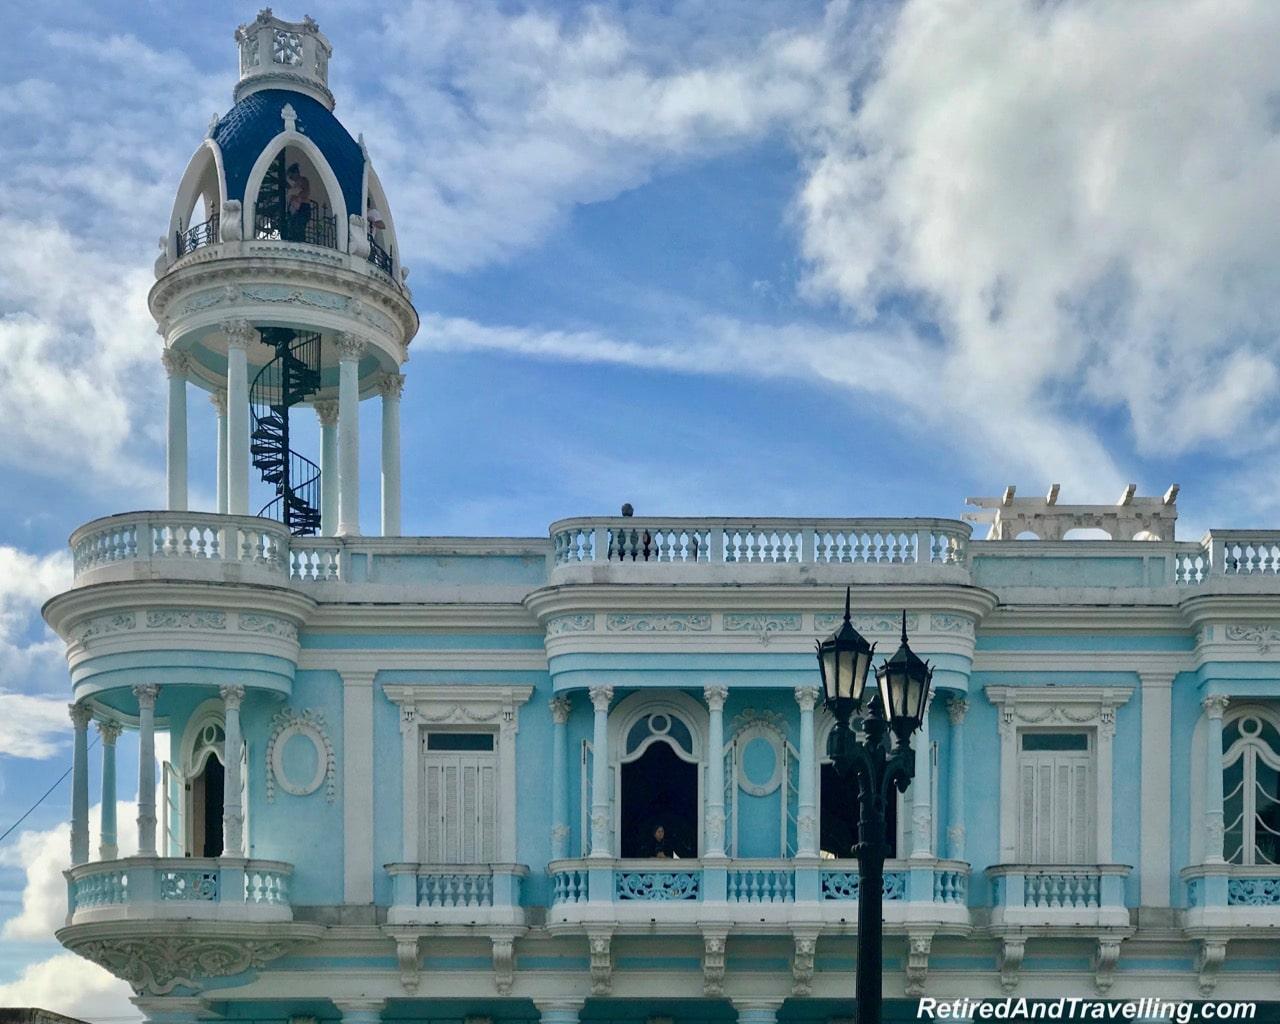 Palacio Ferrer Jose Marti Square Cienfuegos - Cruise Stops In Santiago de Cuba and Cienfuegos.jpg